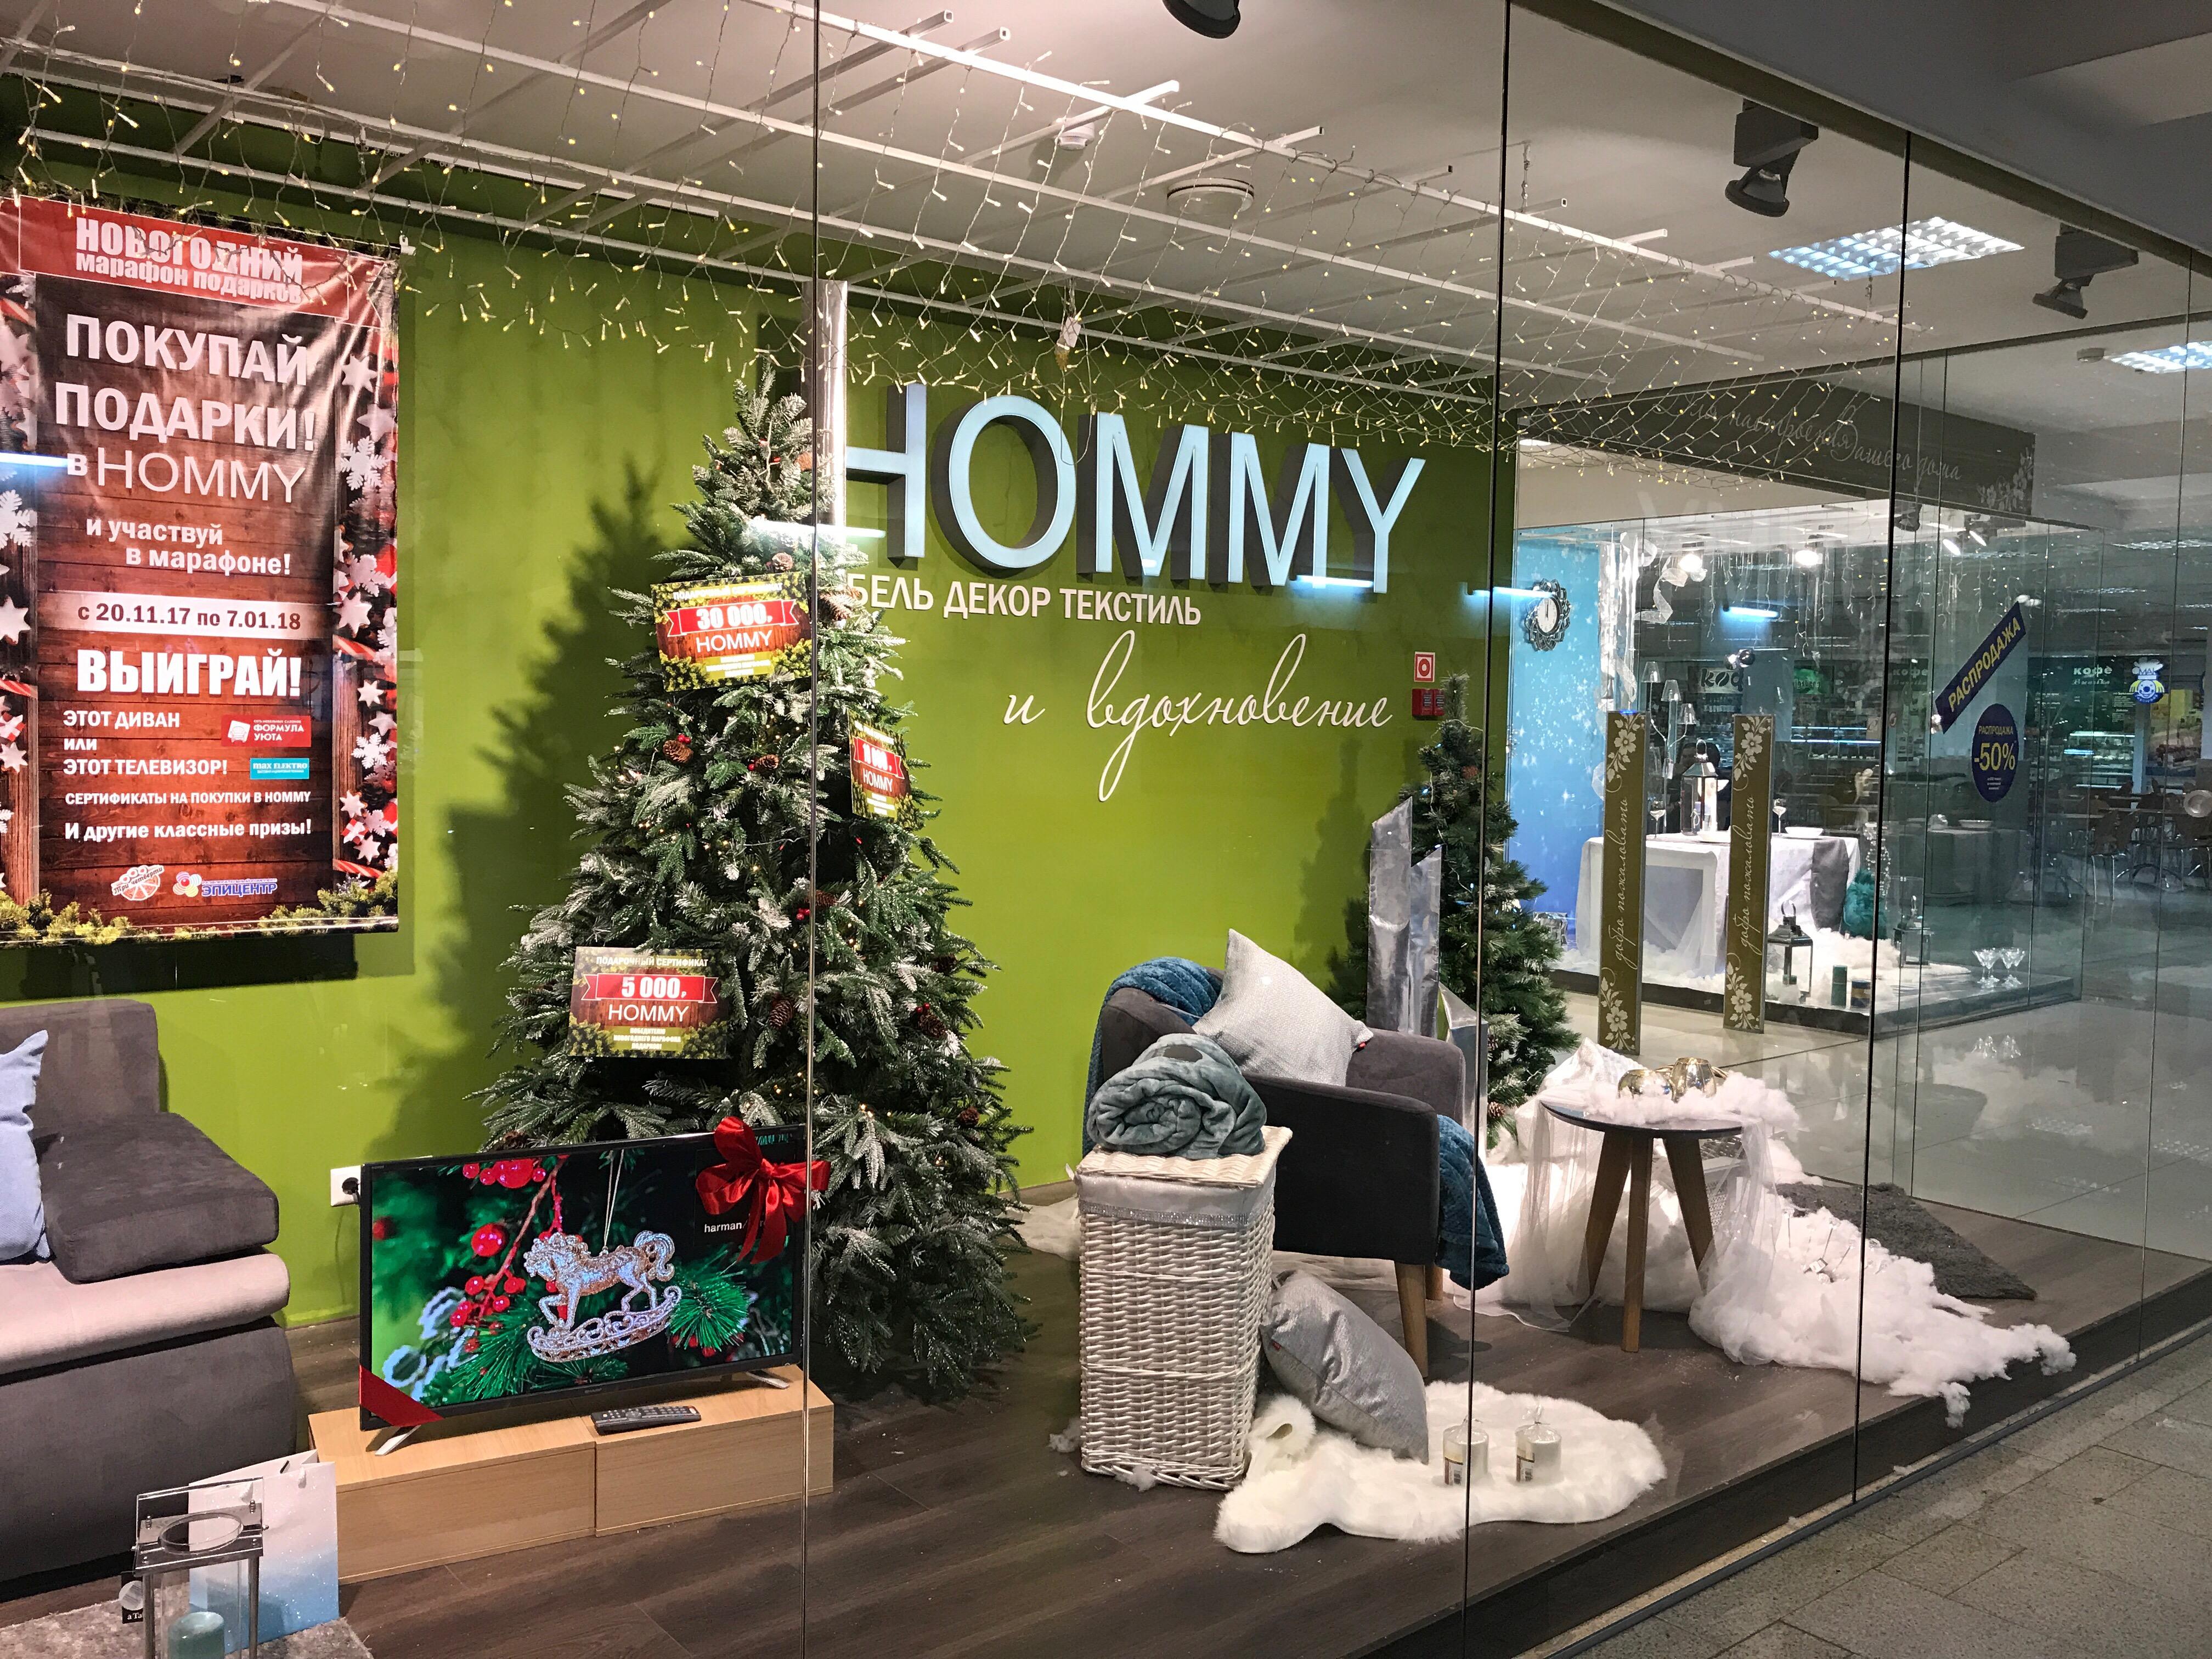 Hommy Интернет Магазин Калининград